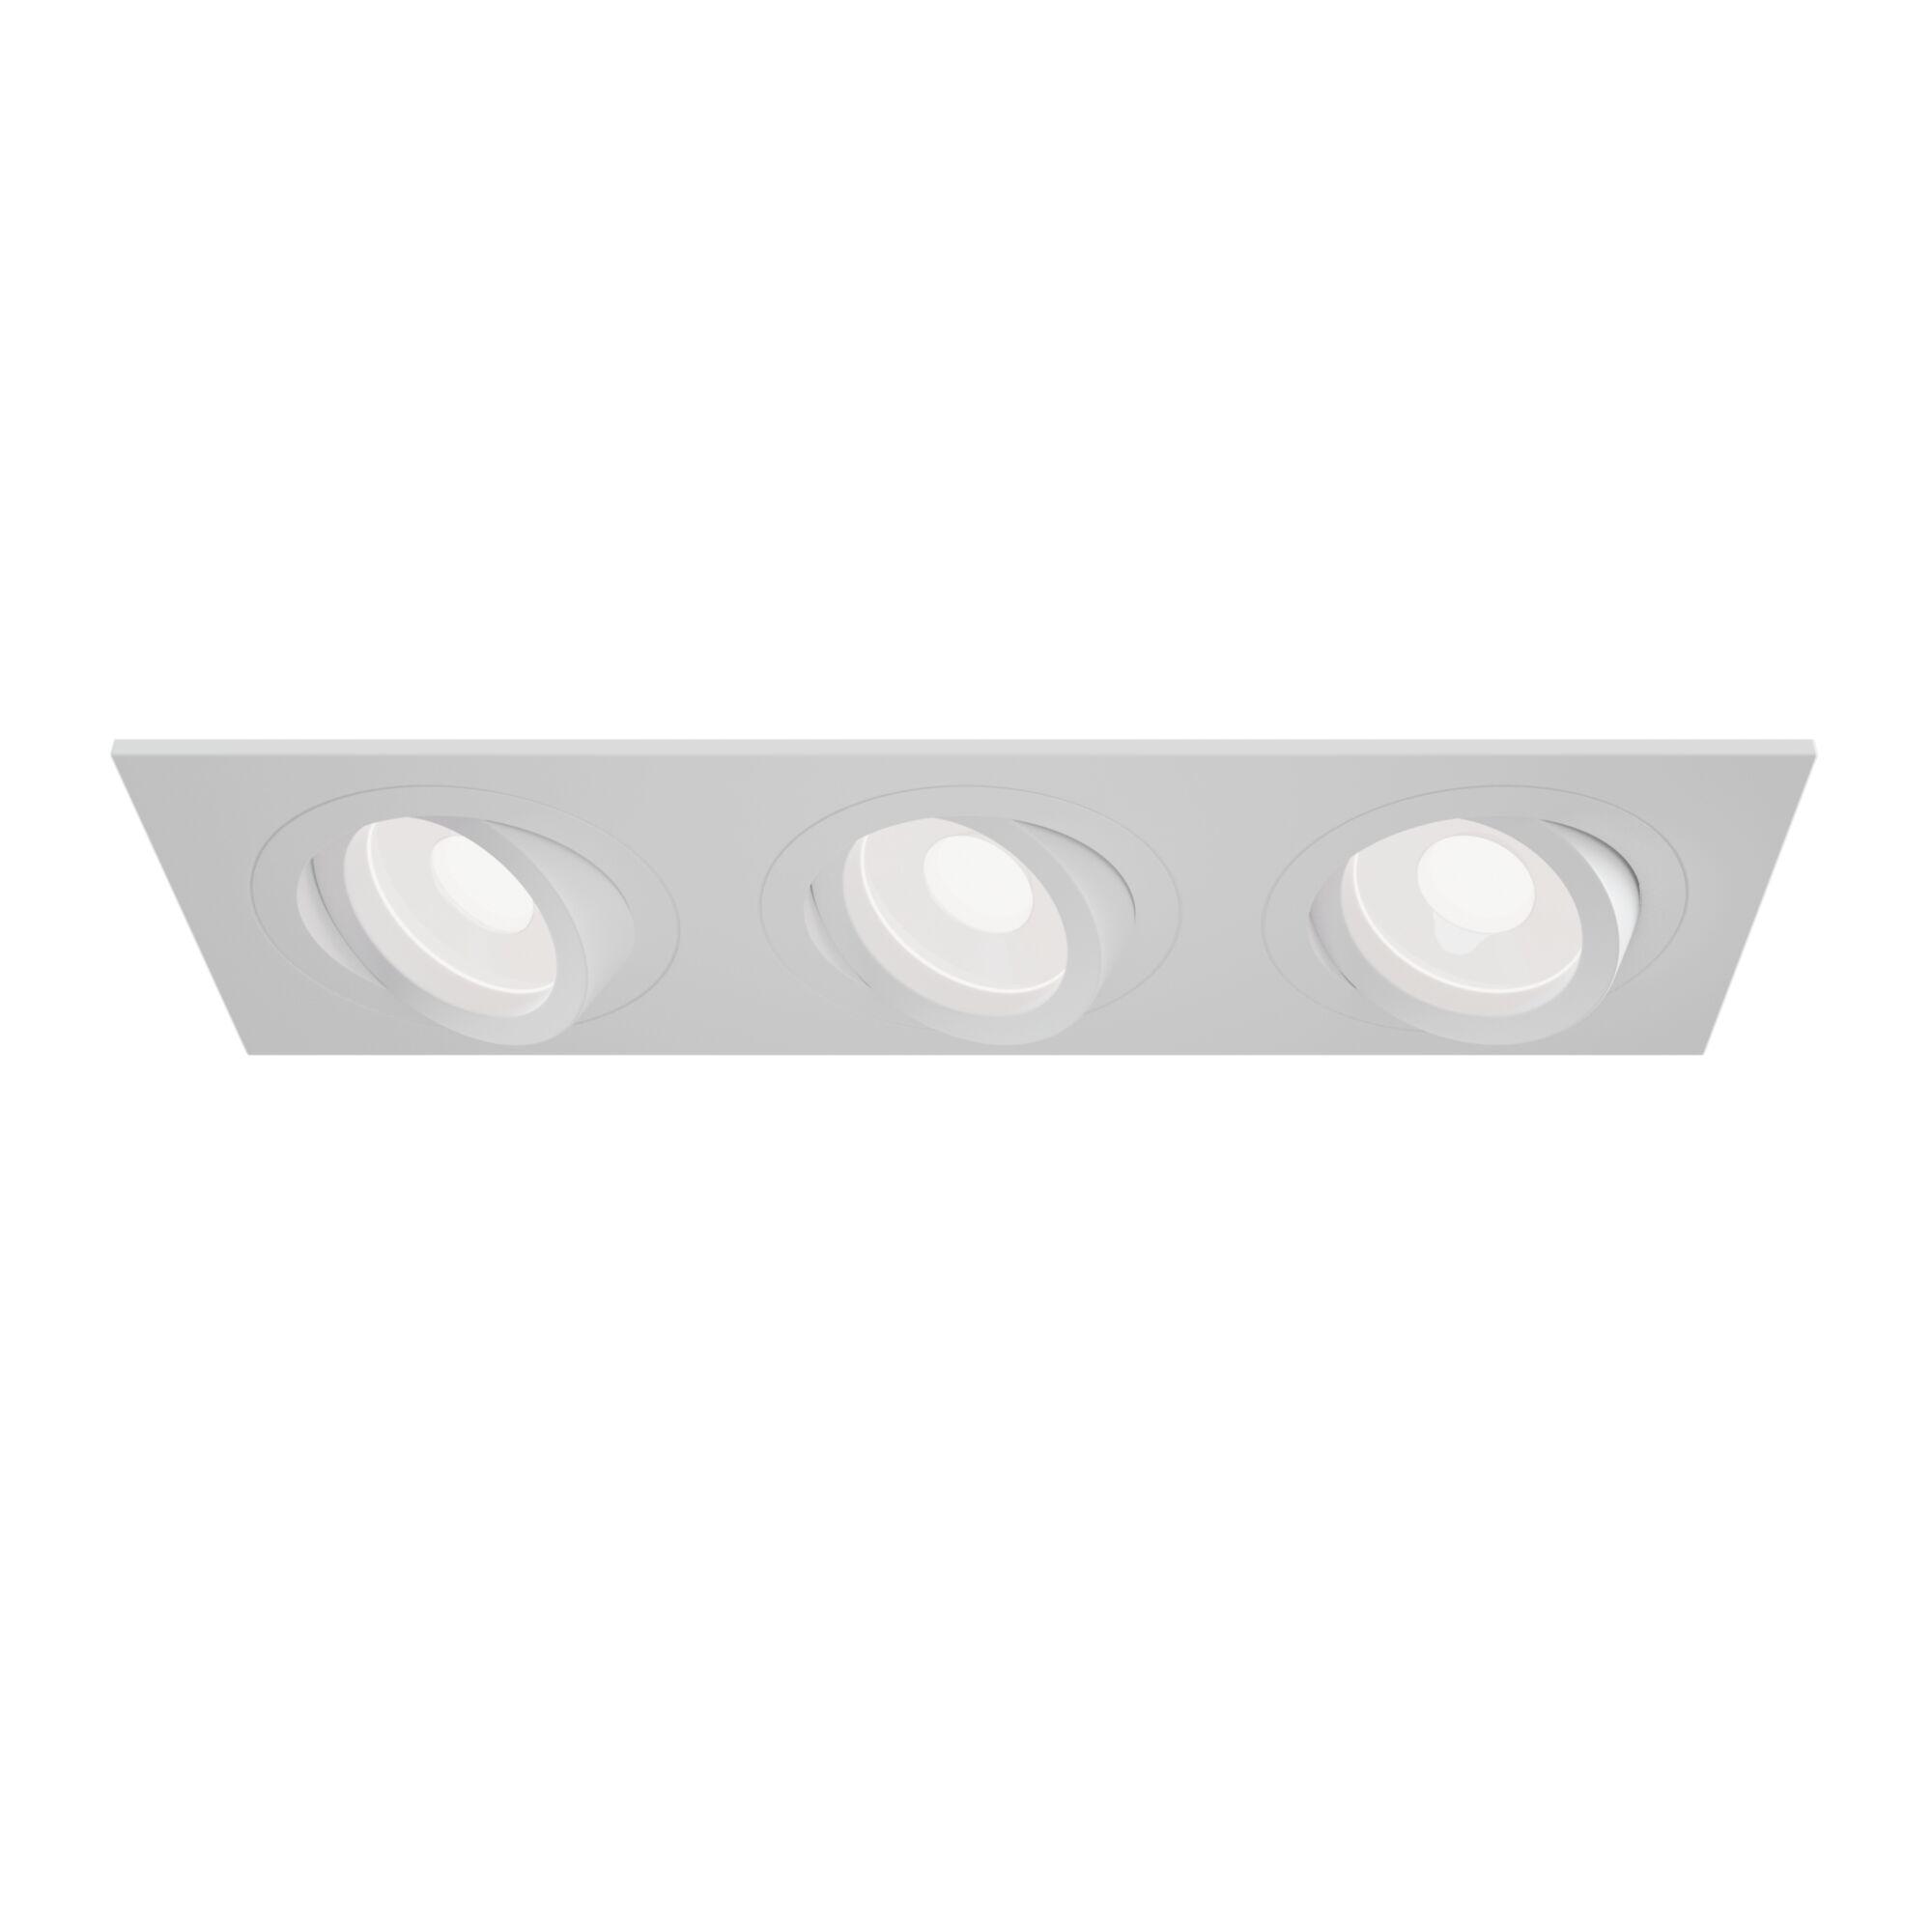 Встраиваемый светильник Maytoni DL024-2-03W недорого